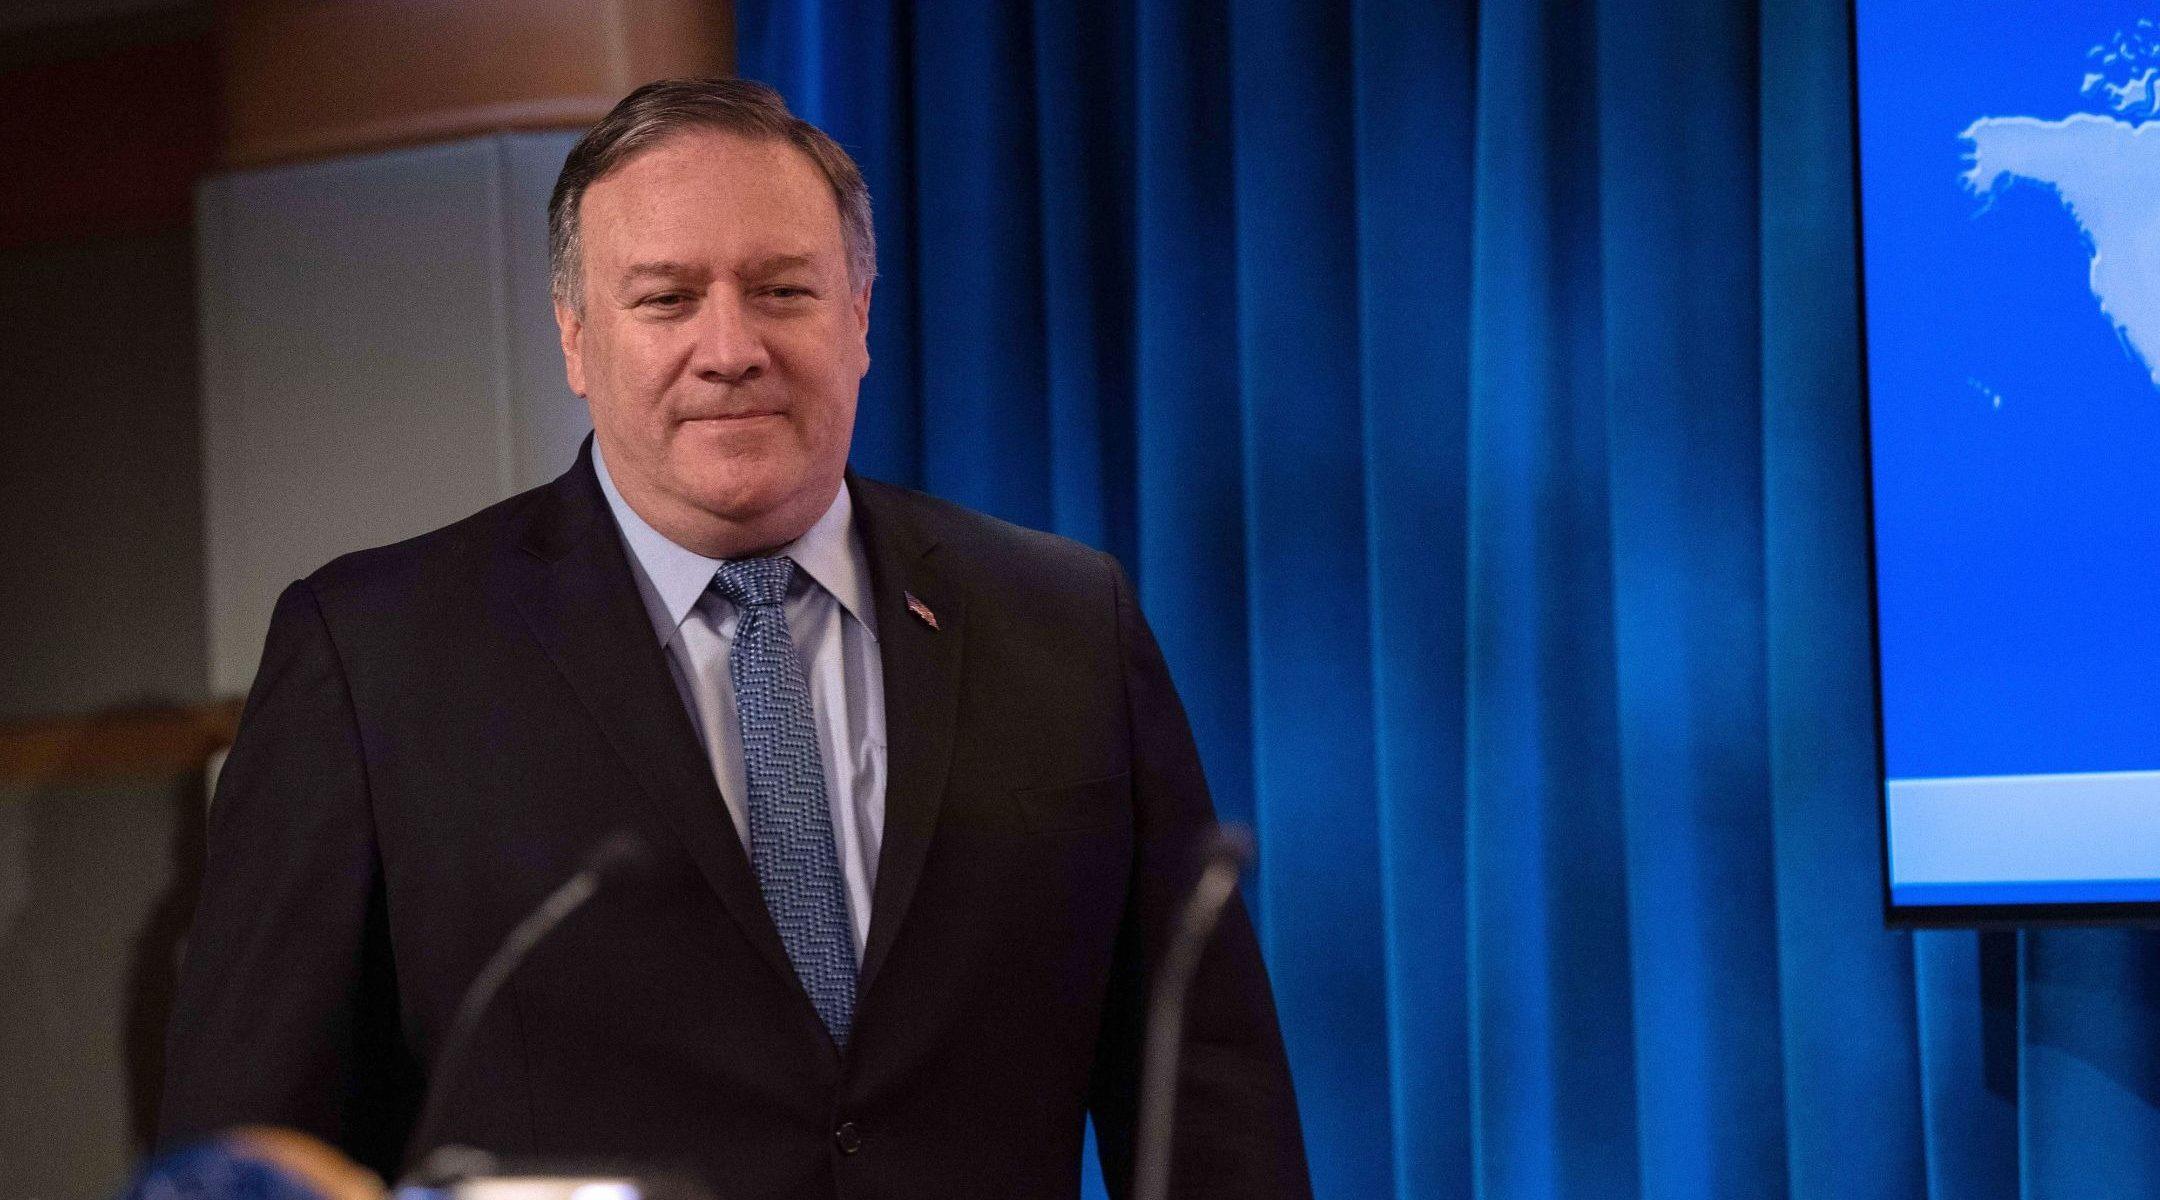 Le secrétaire d'État américain Mike Pompeo arrive le 21 juin 2019 pour présenter le Rapport sur la liberté de religion dans le monde, au Département d'État de Washington, le 21 juin 2019. (Photo de NICHOLAS KAMM / AFP) (NICHOLAS KAMM / AFP / Getty Images)